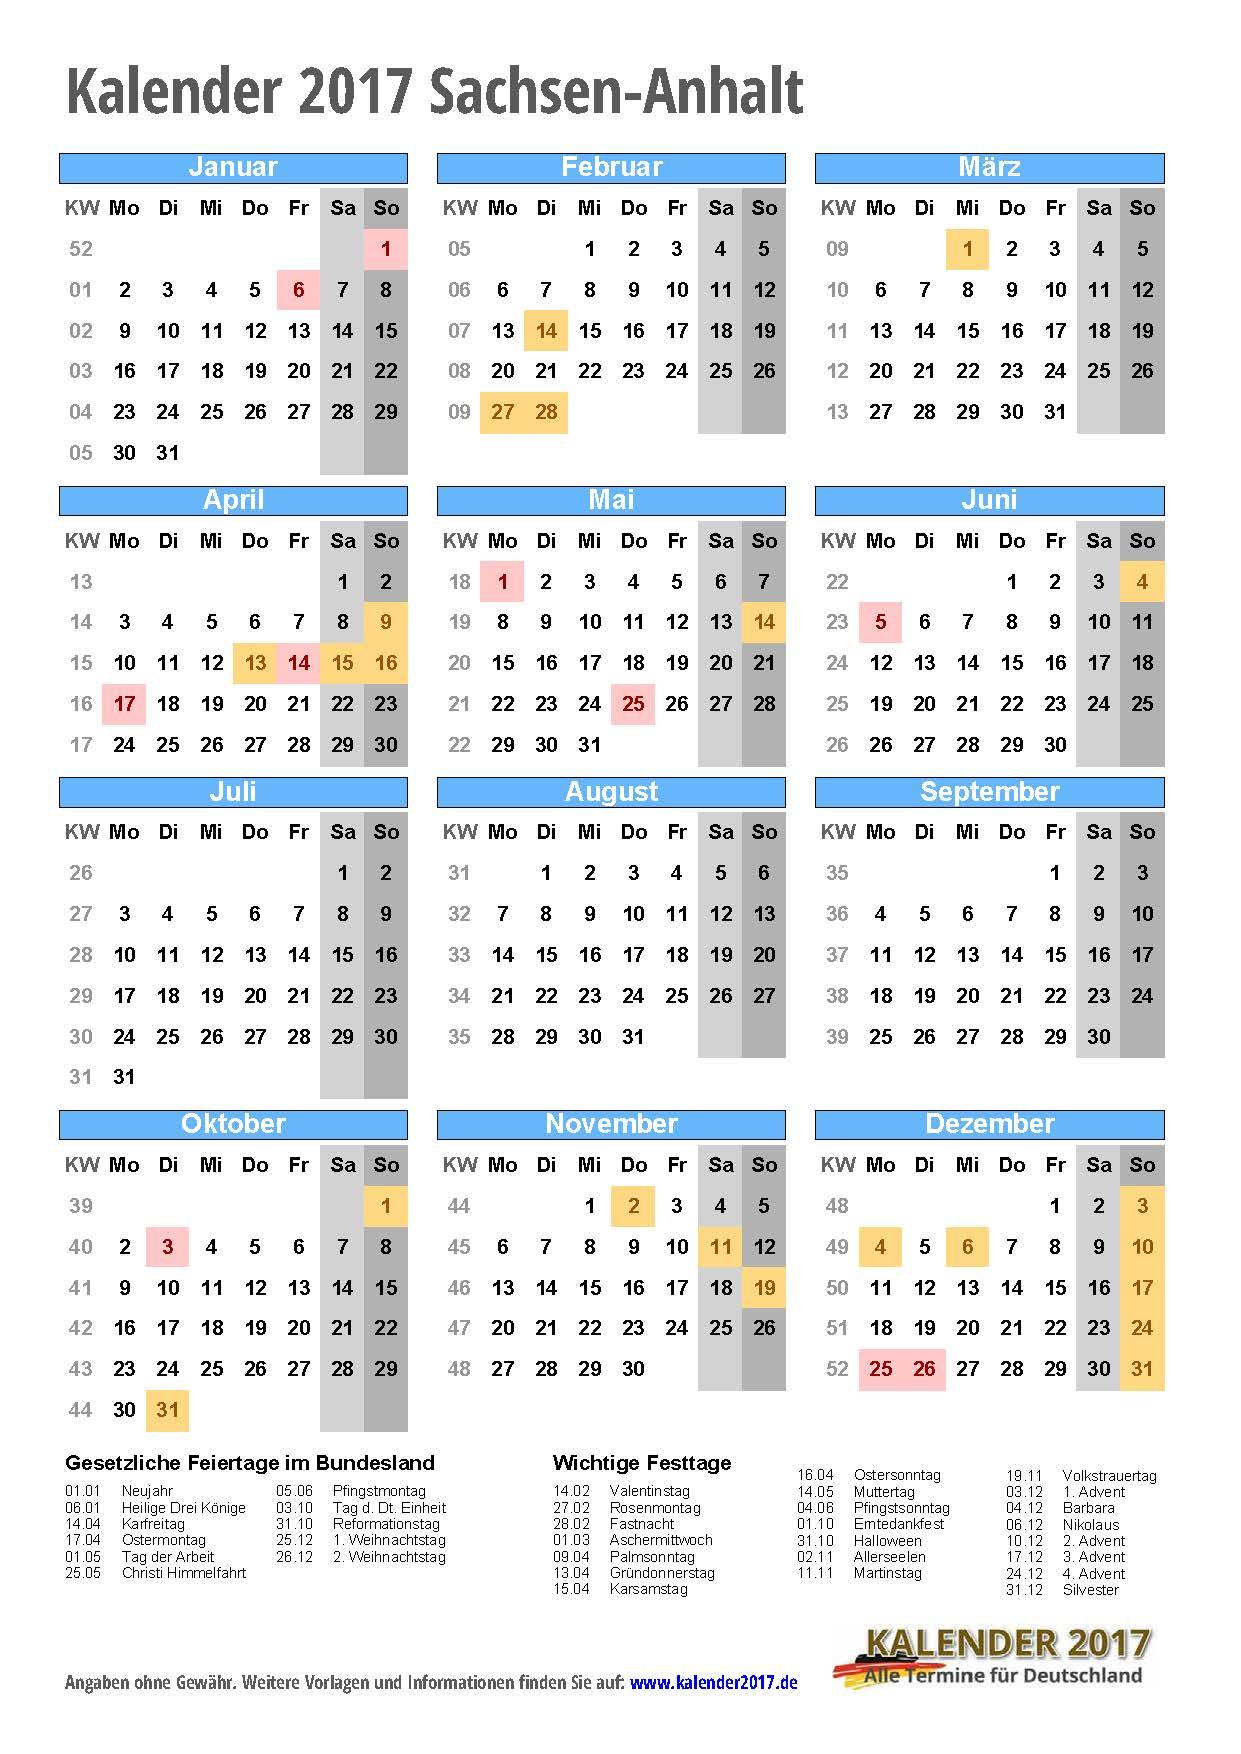 kalender 2017 sachsen anhalt zum ausdrucken kalender 2017. Black Bedroom Furniture Sets. Home Design Ideas